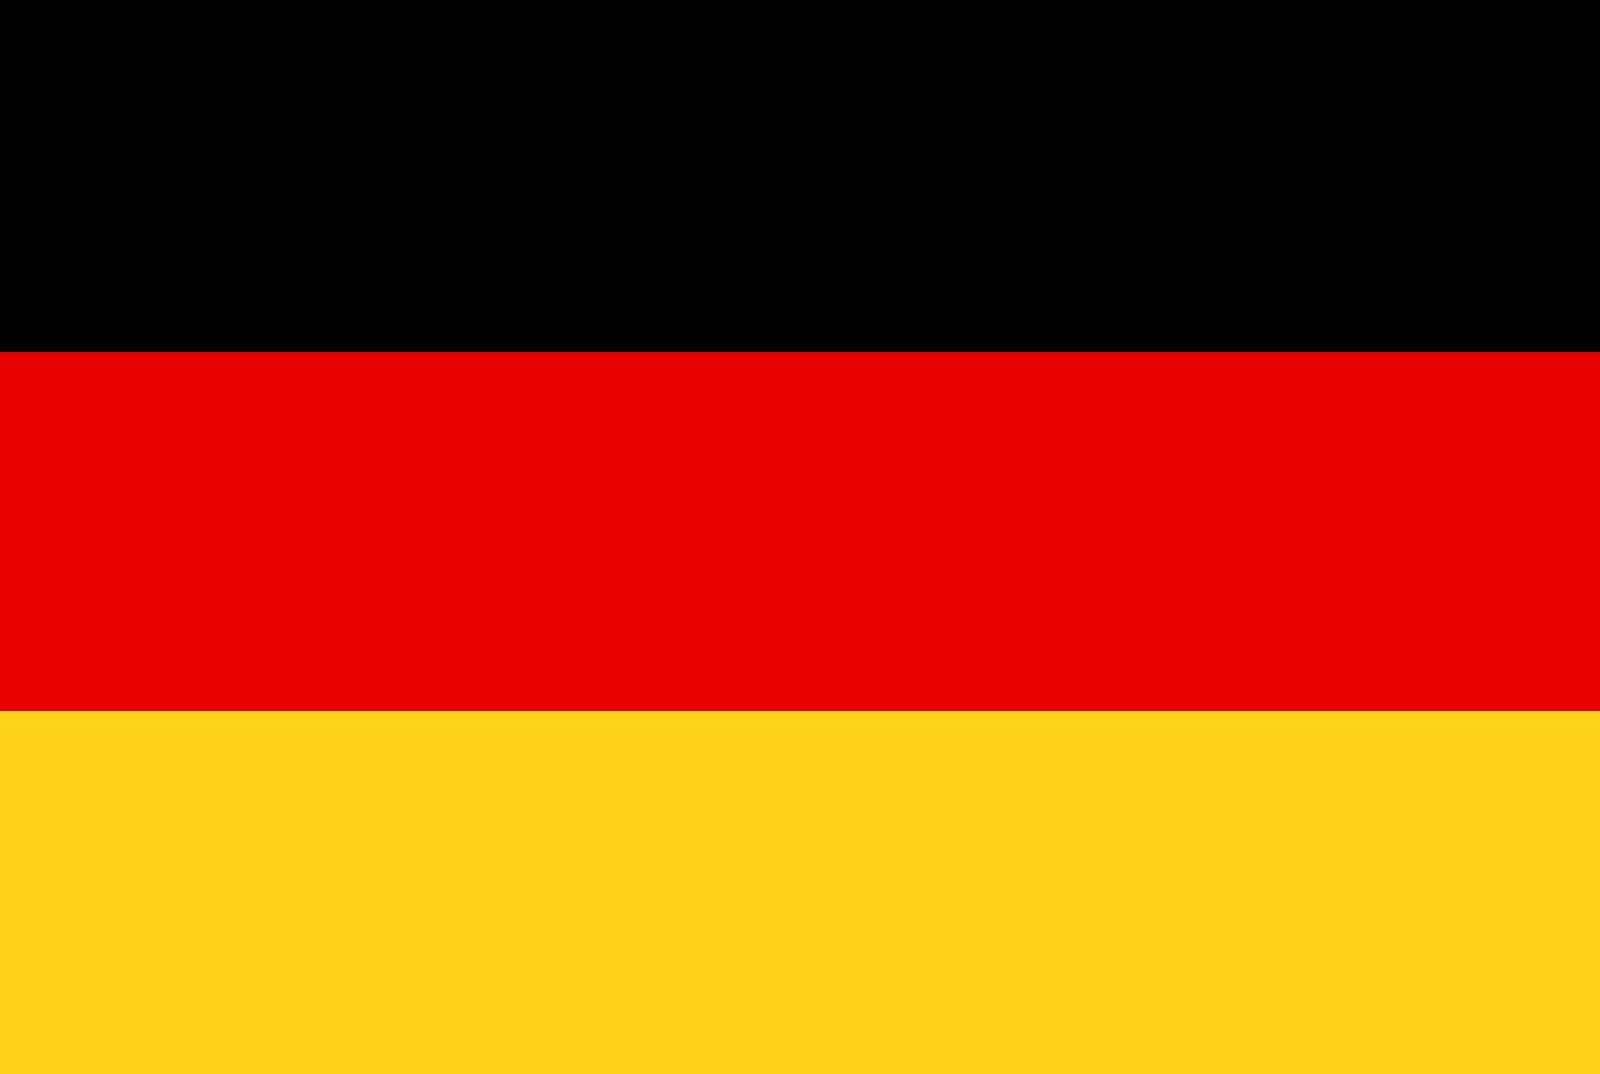 Vlag Duitsland Opsneeuwvakantie